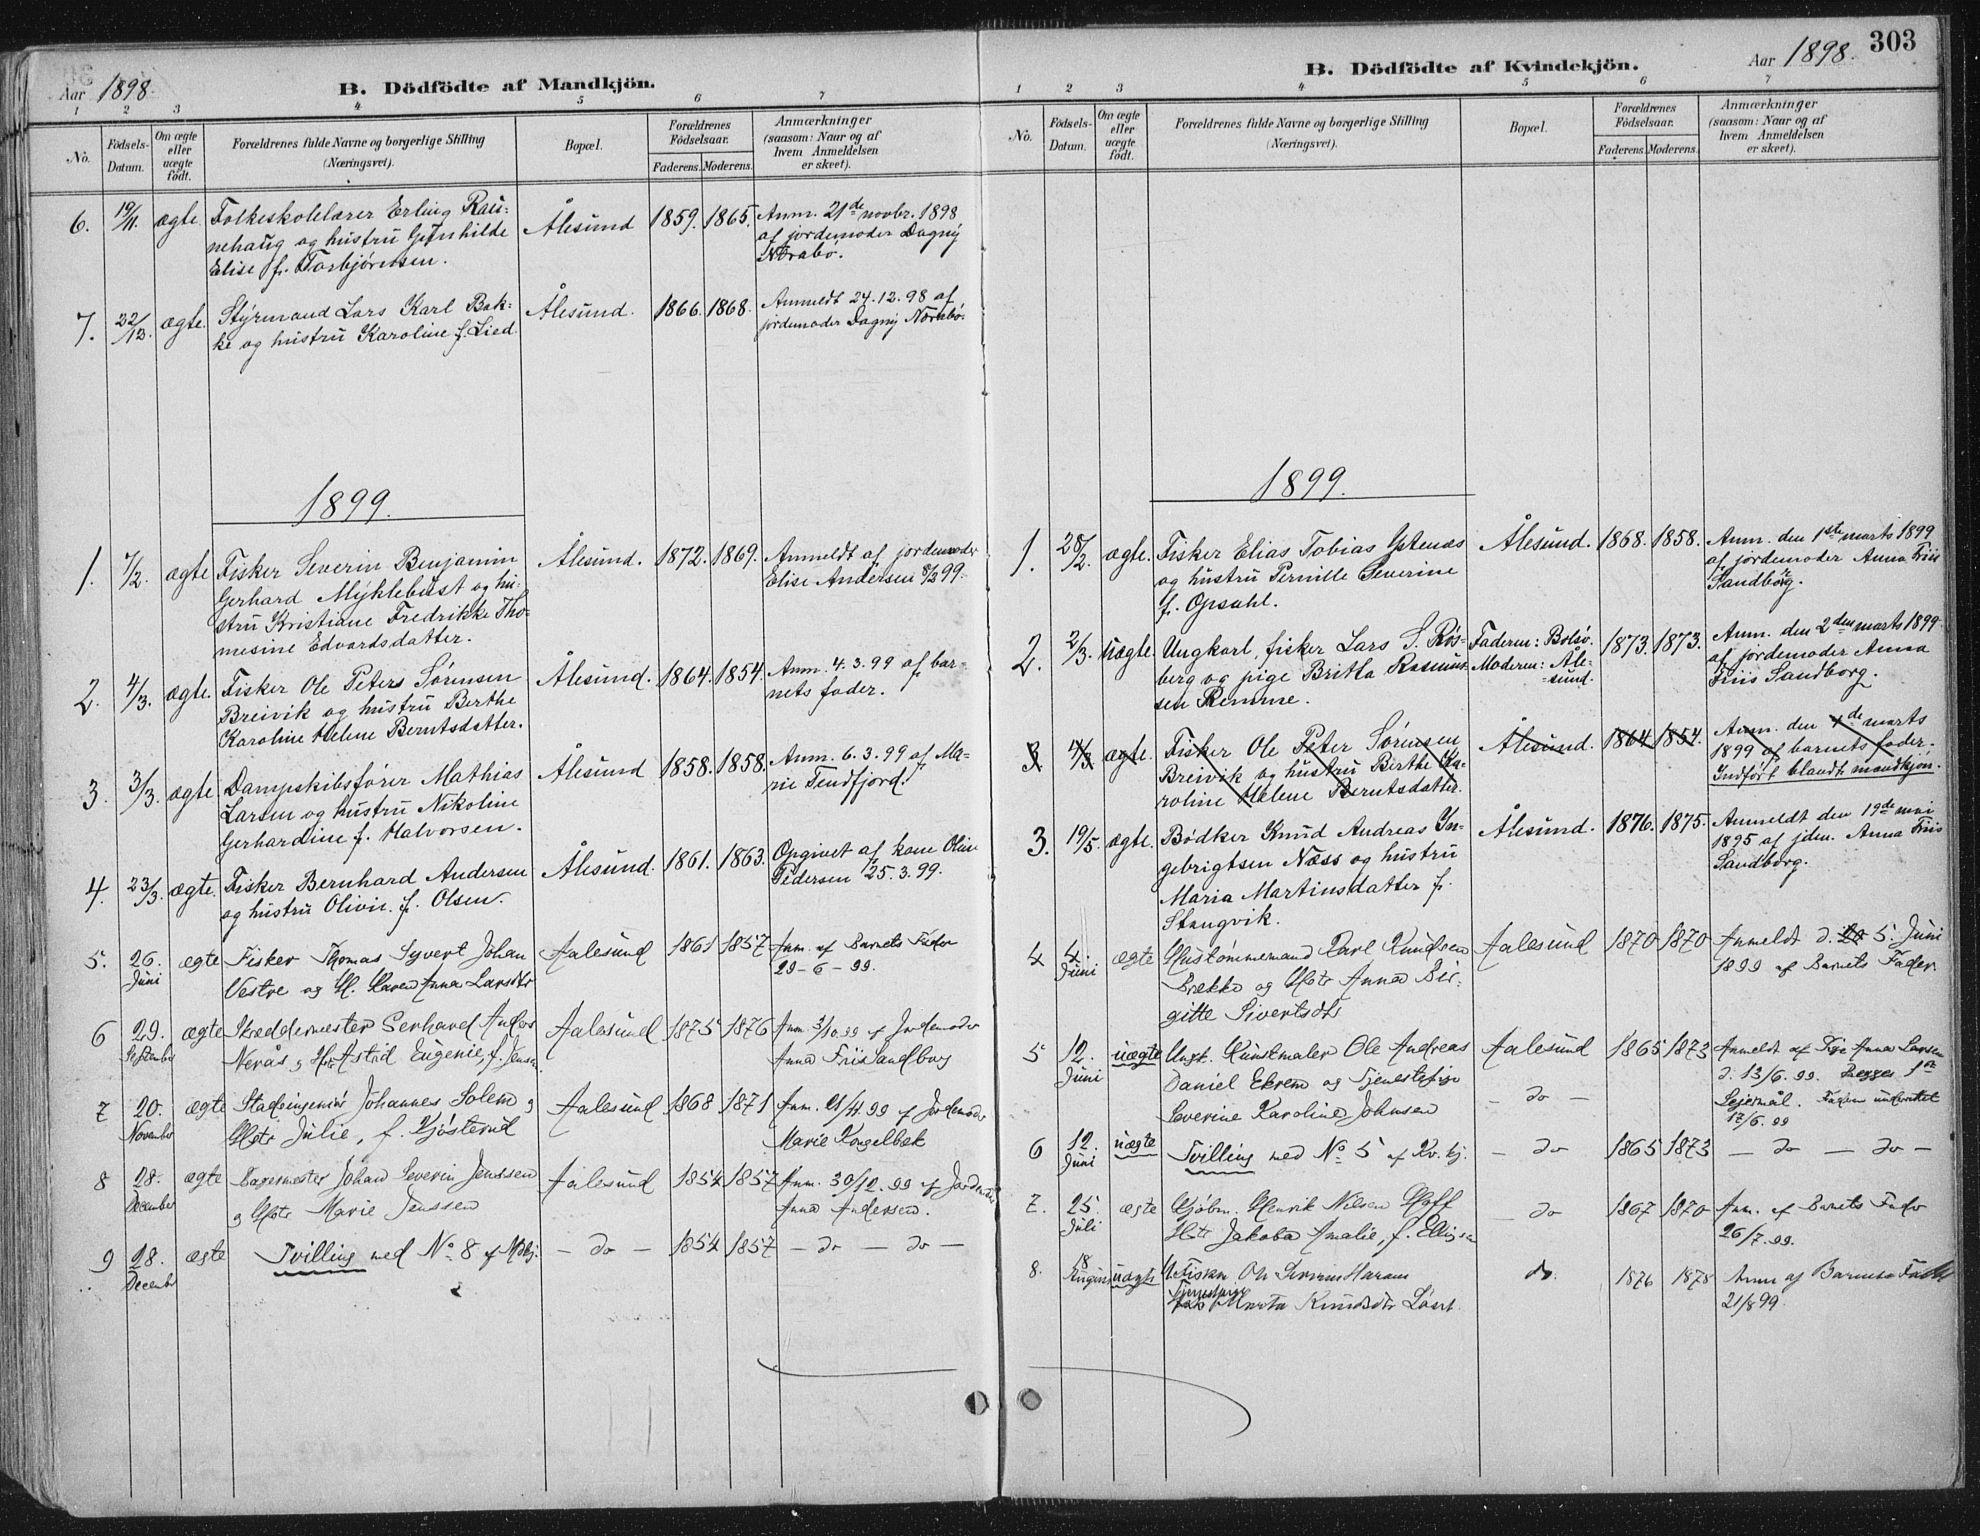 SAT, Ministerialprotokoller, klokkerbøker og fødselsregistre - Møre og Romsdal, 529/L0456: Ministerialbok nr. 529A06, 1894-1906, s. 303